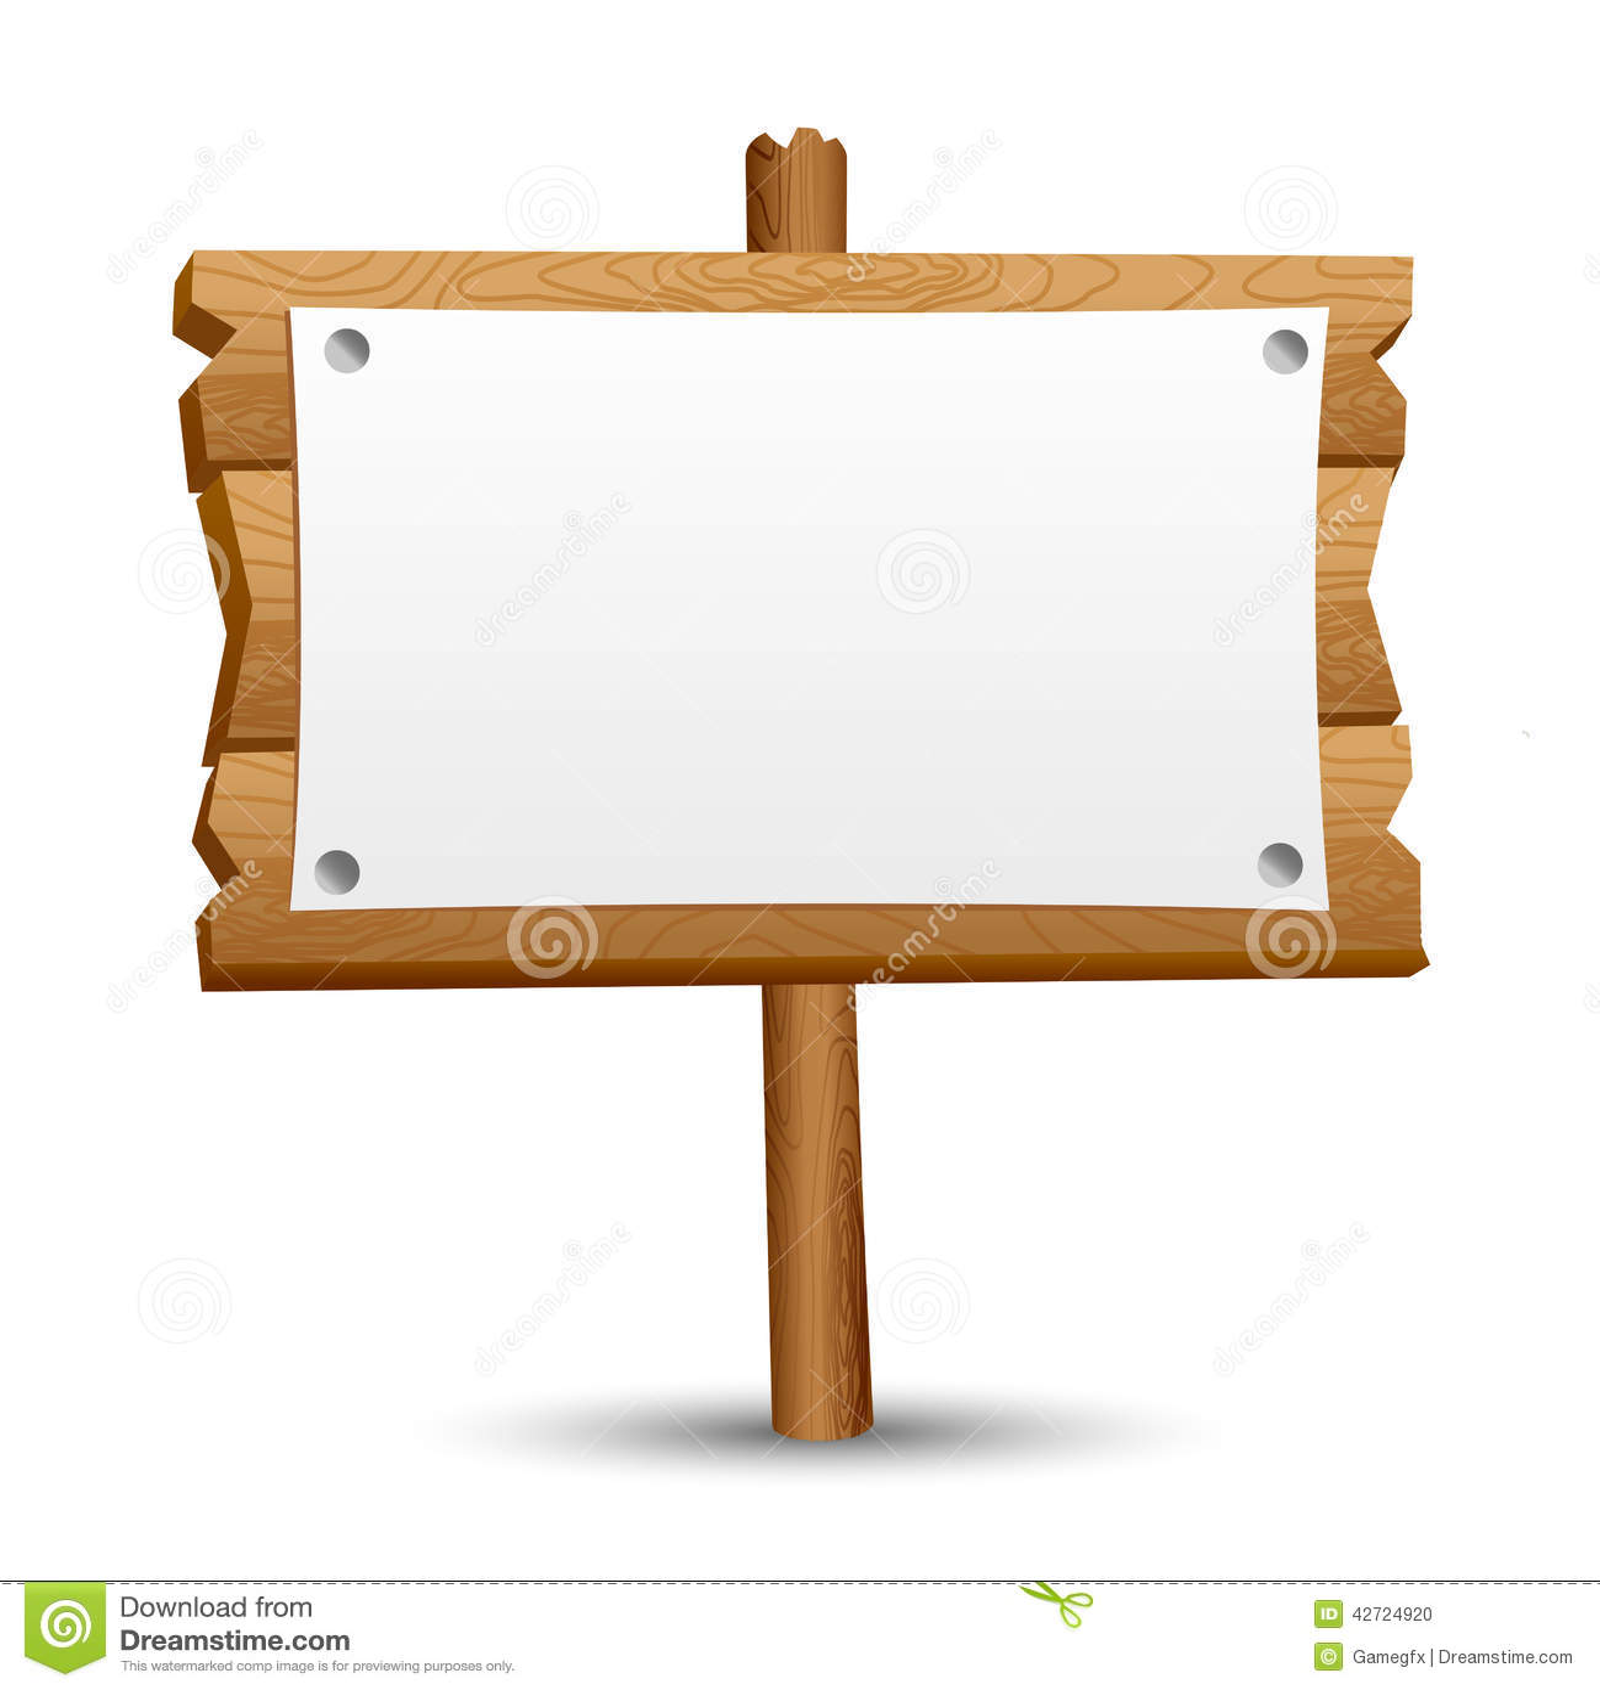 ppt 背景 背景图片 边框 模板 设计 相框 1300_1390图片